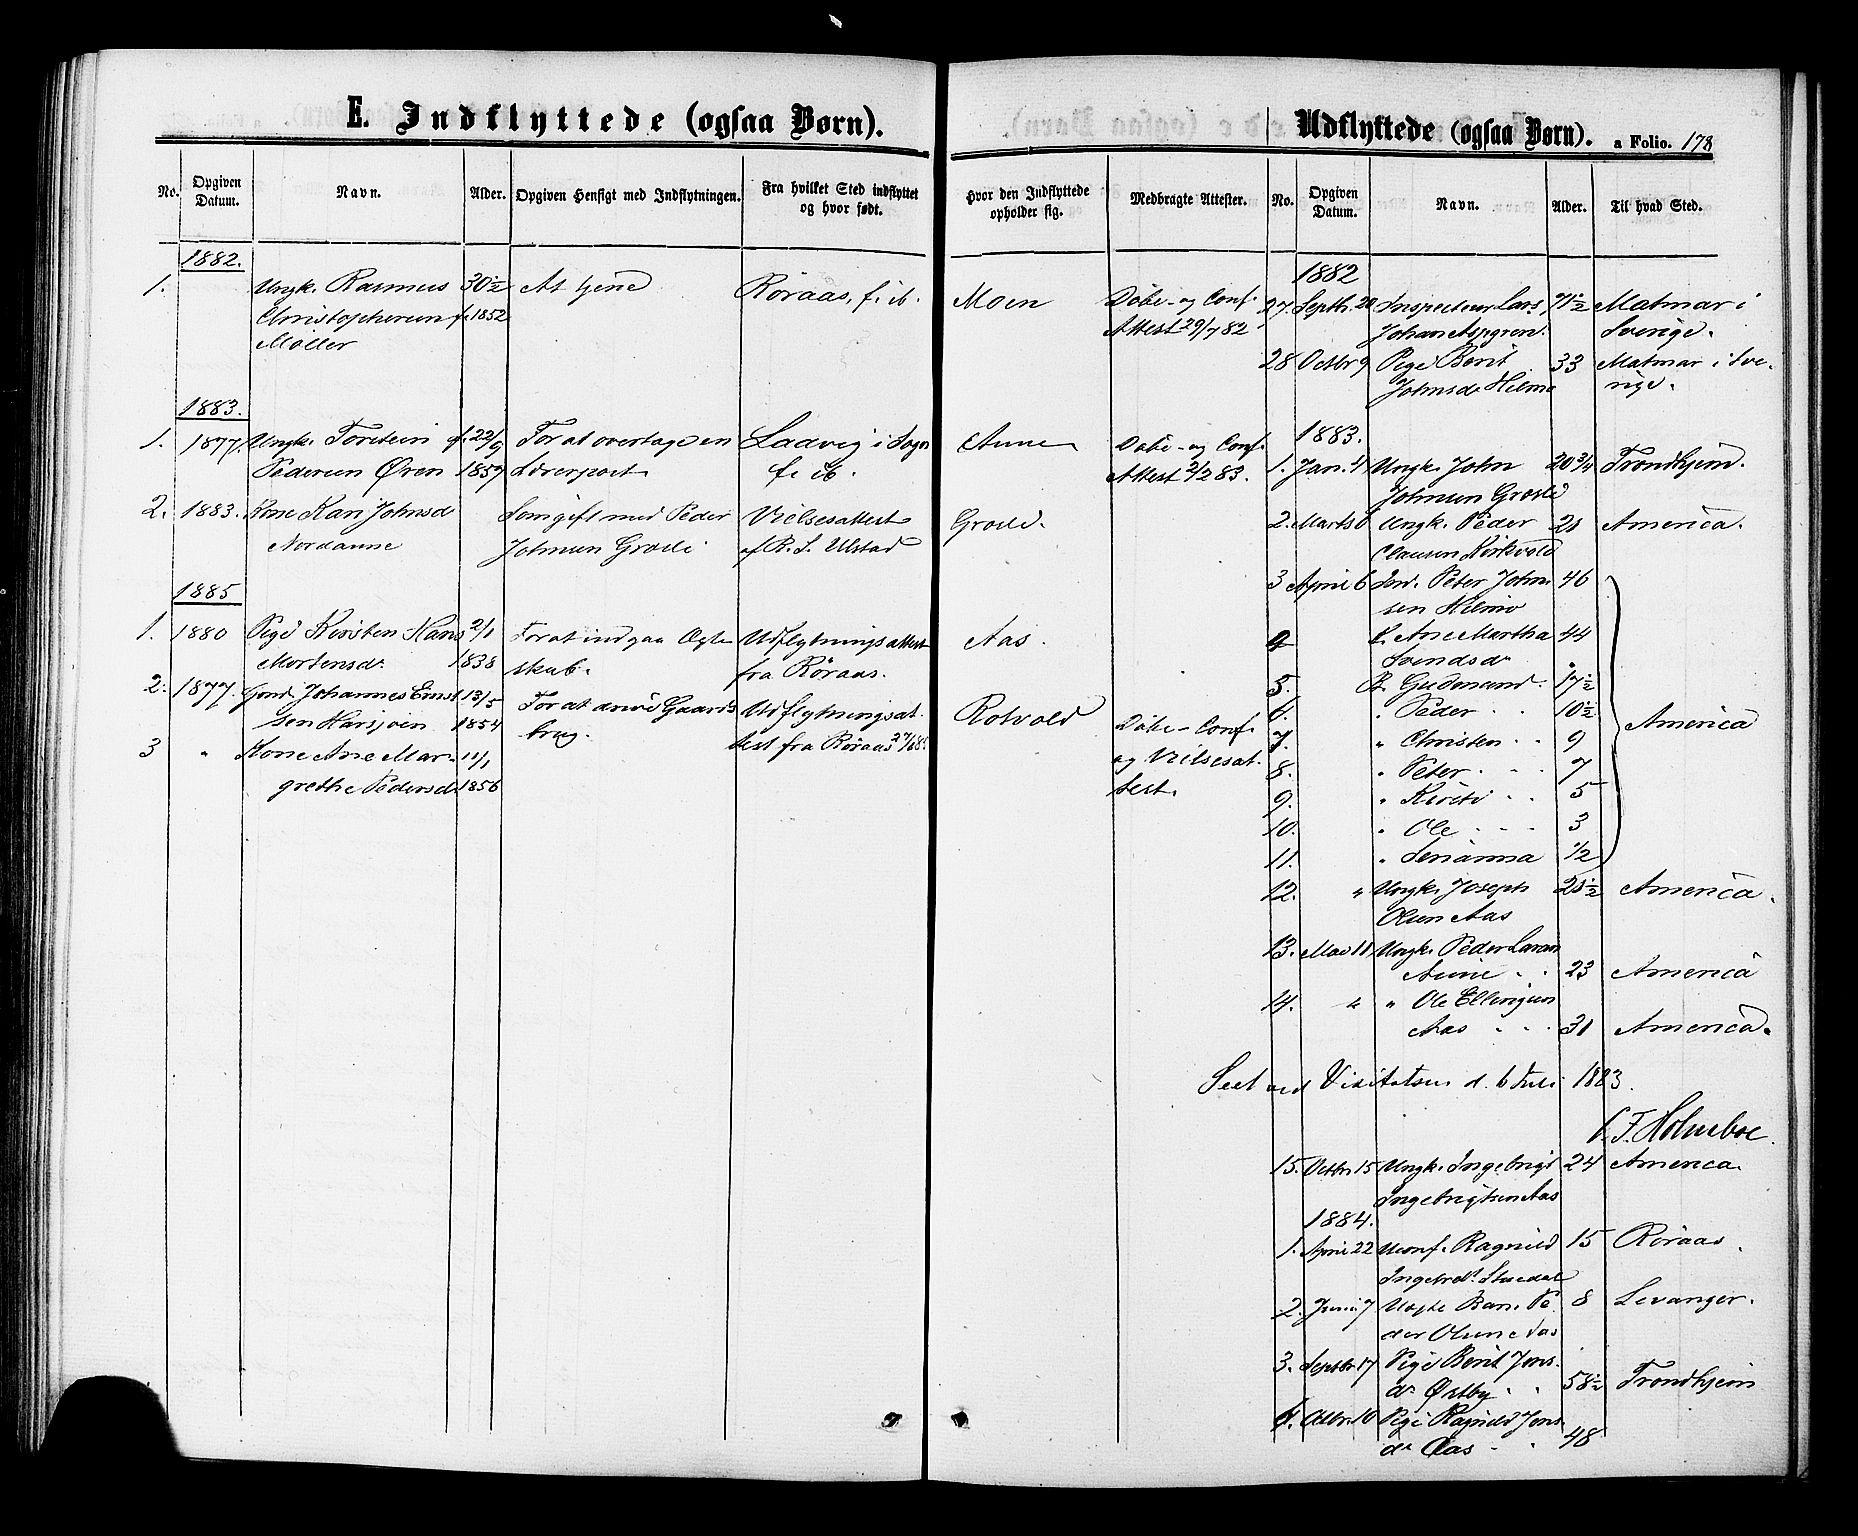 SAT, Ministerialprotokoller, klokkerbøker og fødselsregistre - Sør-Trøndelag, 698/L1163: Ministerialbok nr. 698A01, 1862-1887, s. 178